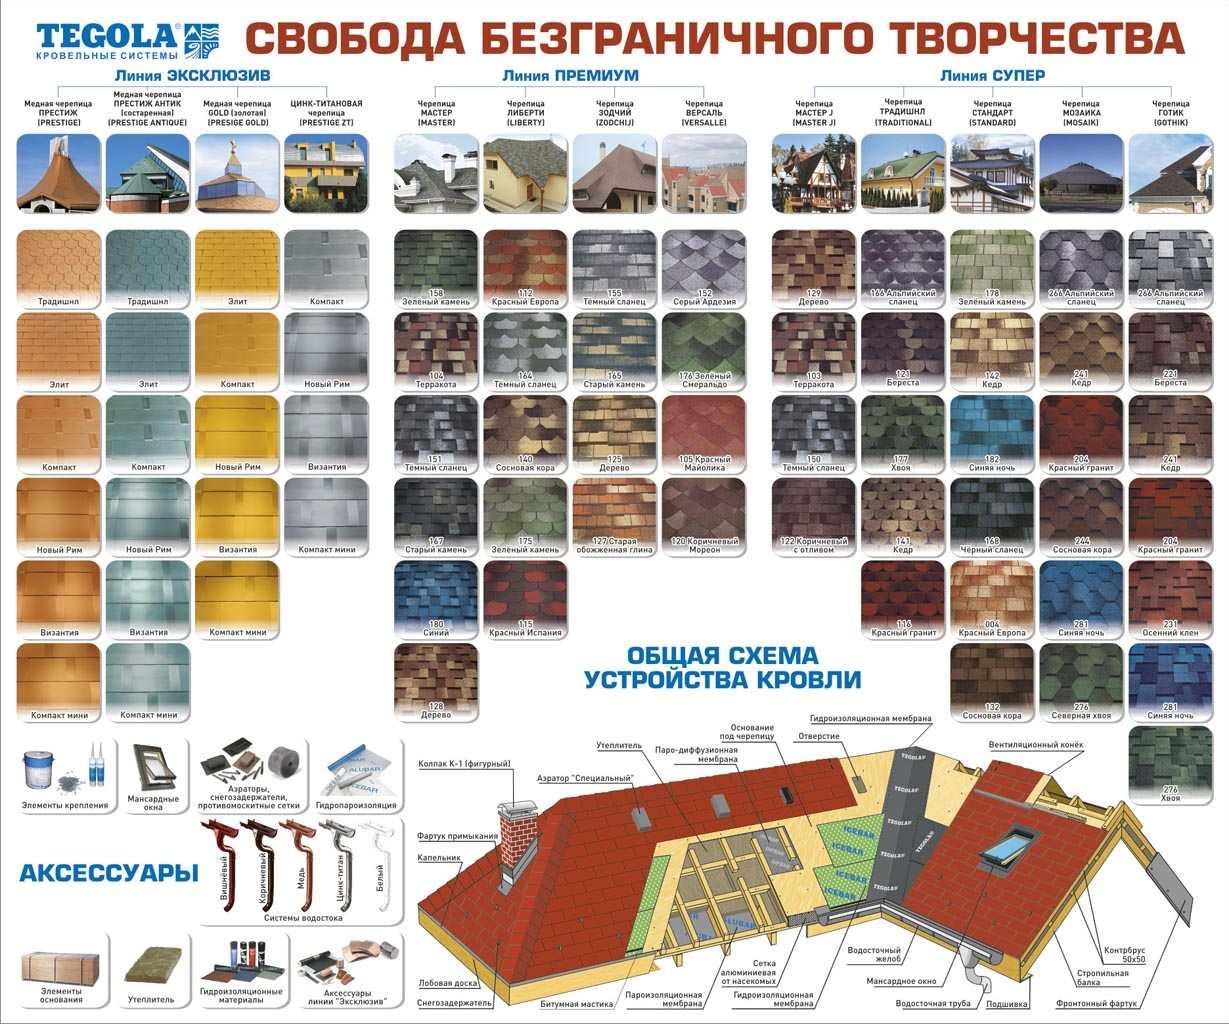 Фото: Модельный ряд - марки и виды черепицы Тегола с серийными номерами цветов